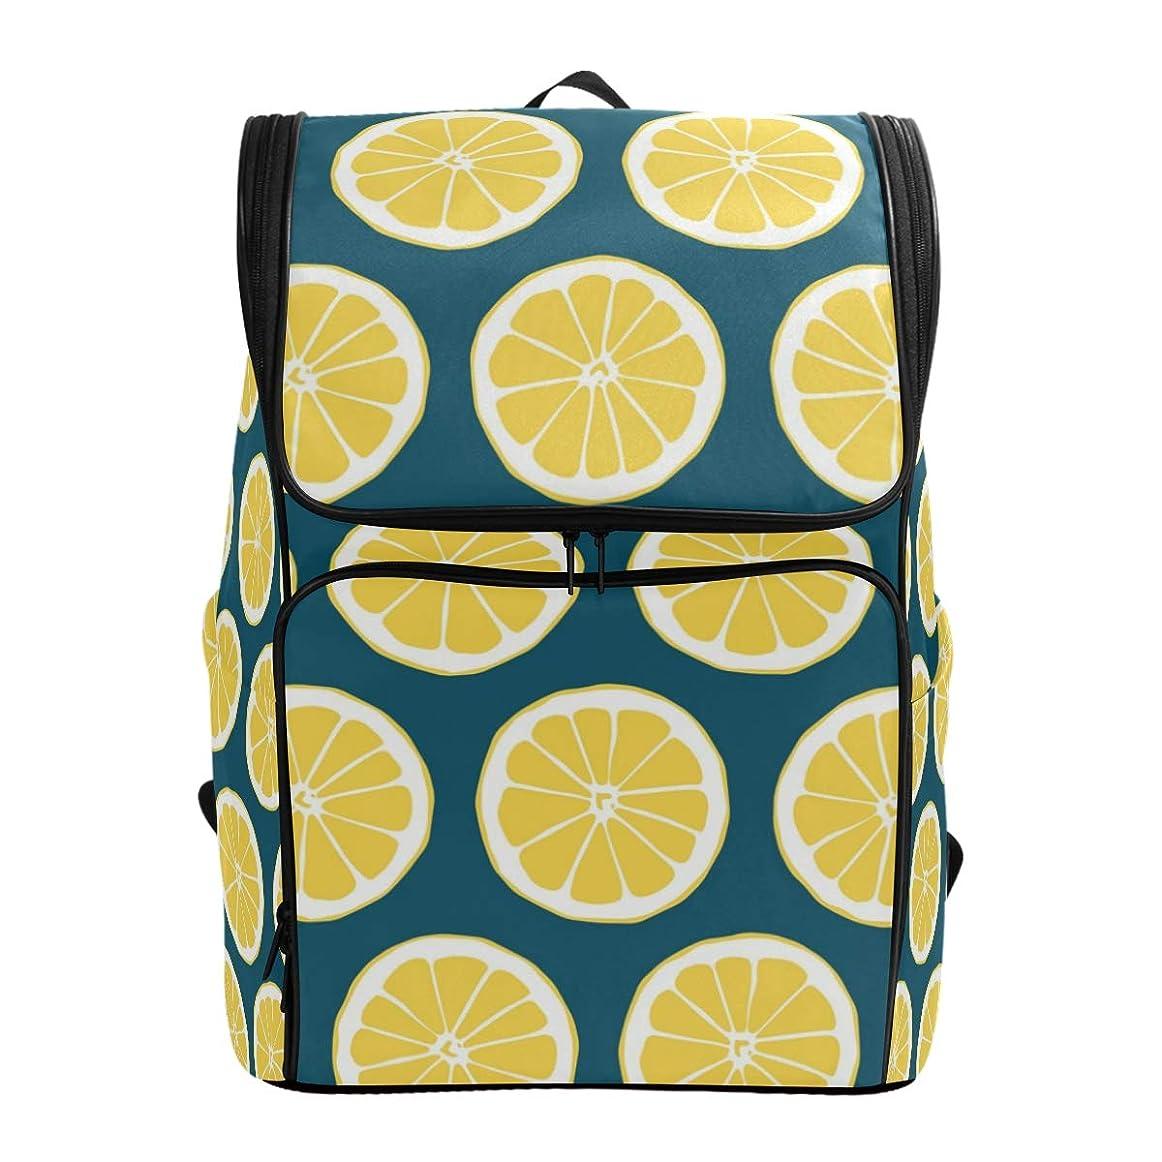 制限された不満おかしいマキク(MAKIKU) リュックサック 大容量 軽量 オレンジ レモン柄 果物 リュック メンズ 登山 通学 通勤 旅行 プレゼント対応